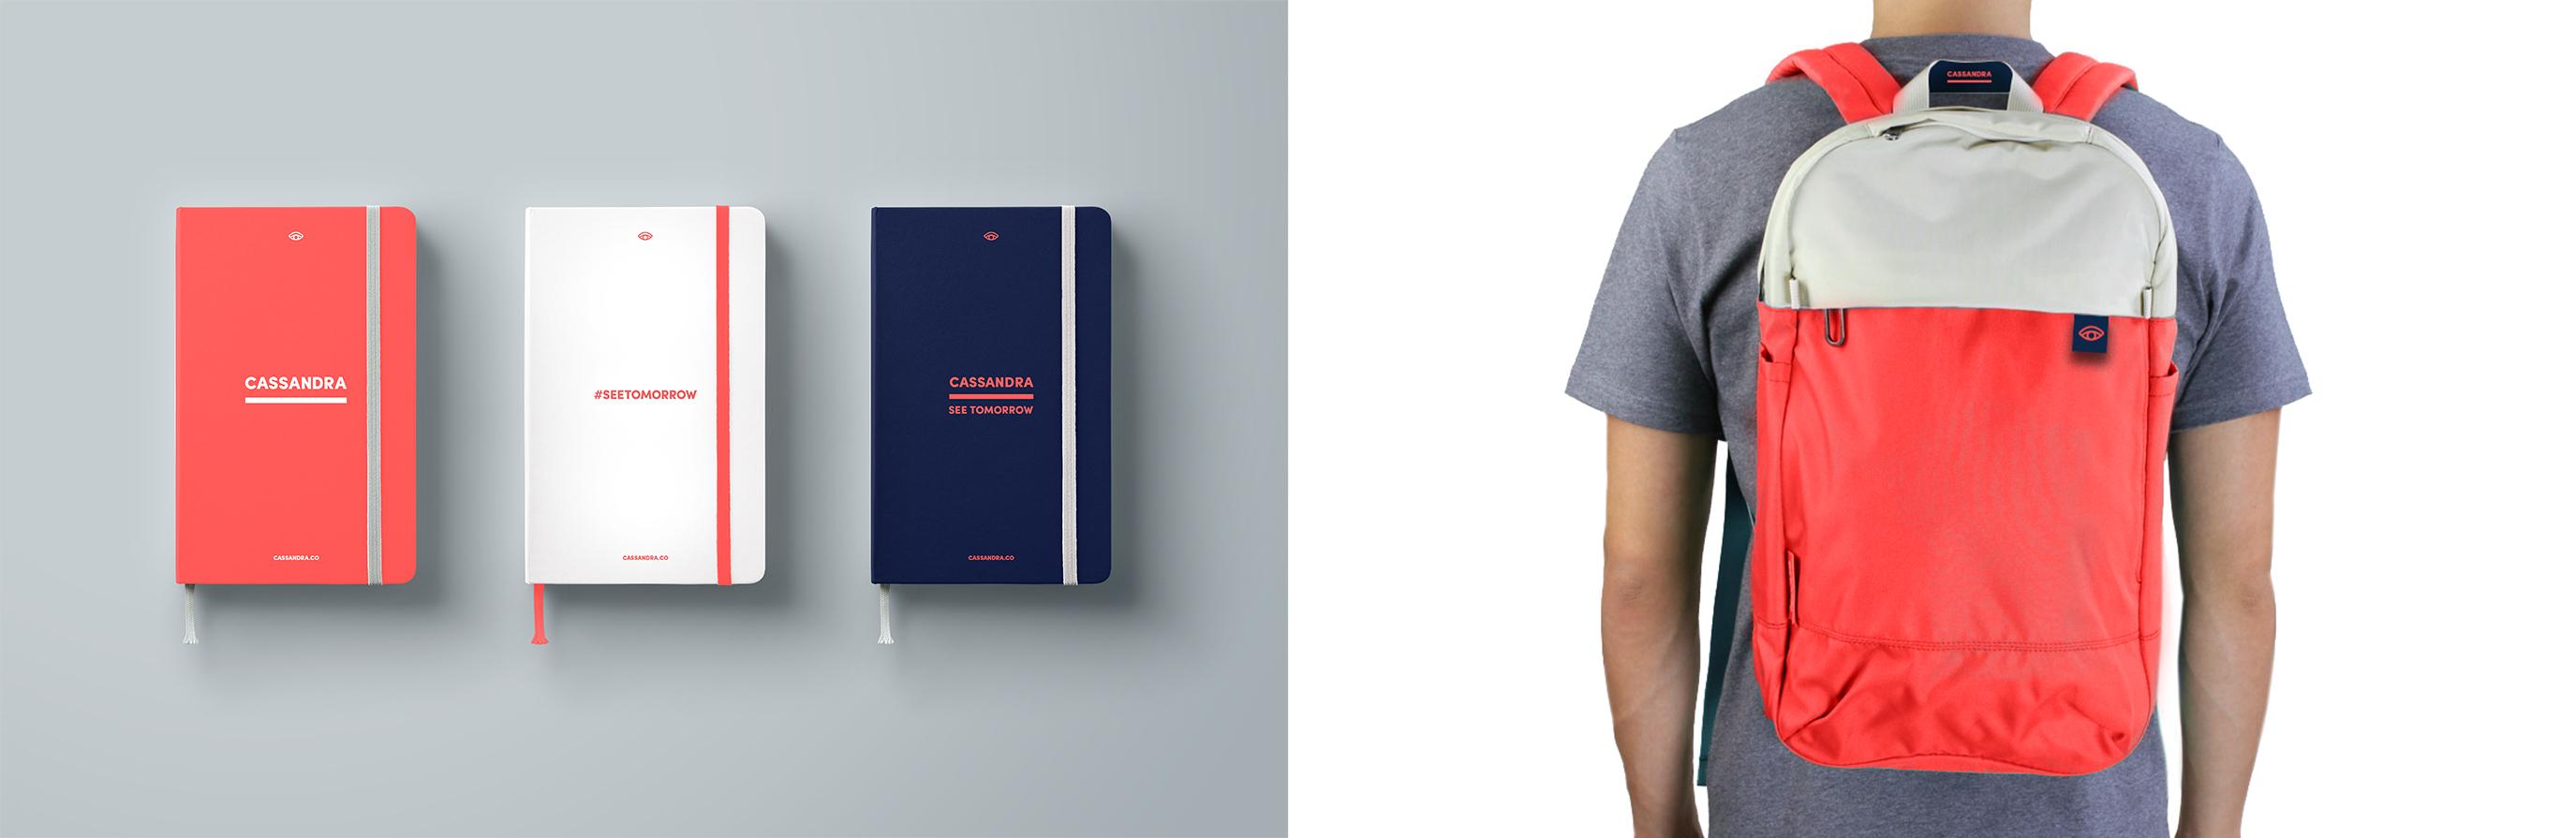 cassandra-1-report-schwag-bag-notebooks-1